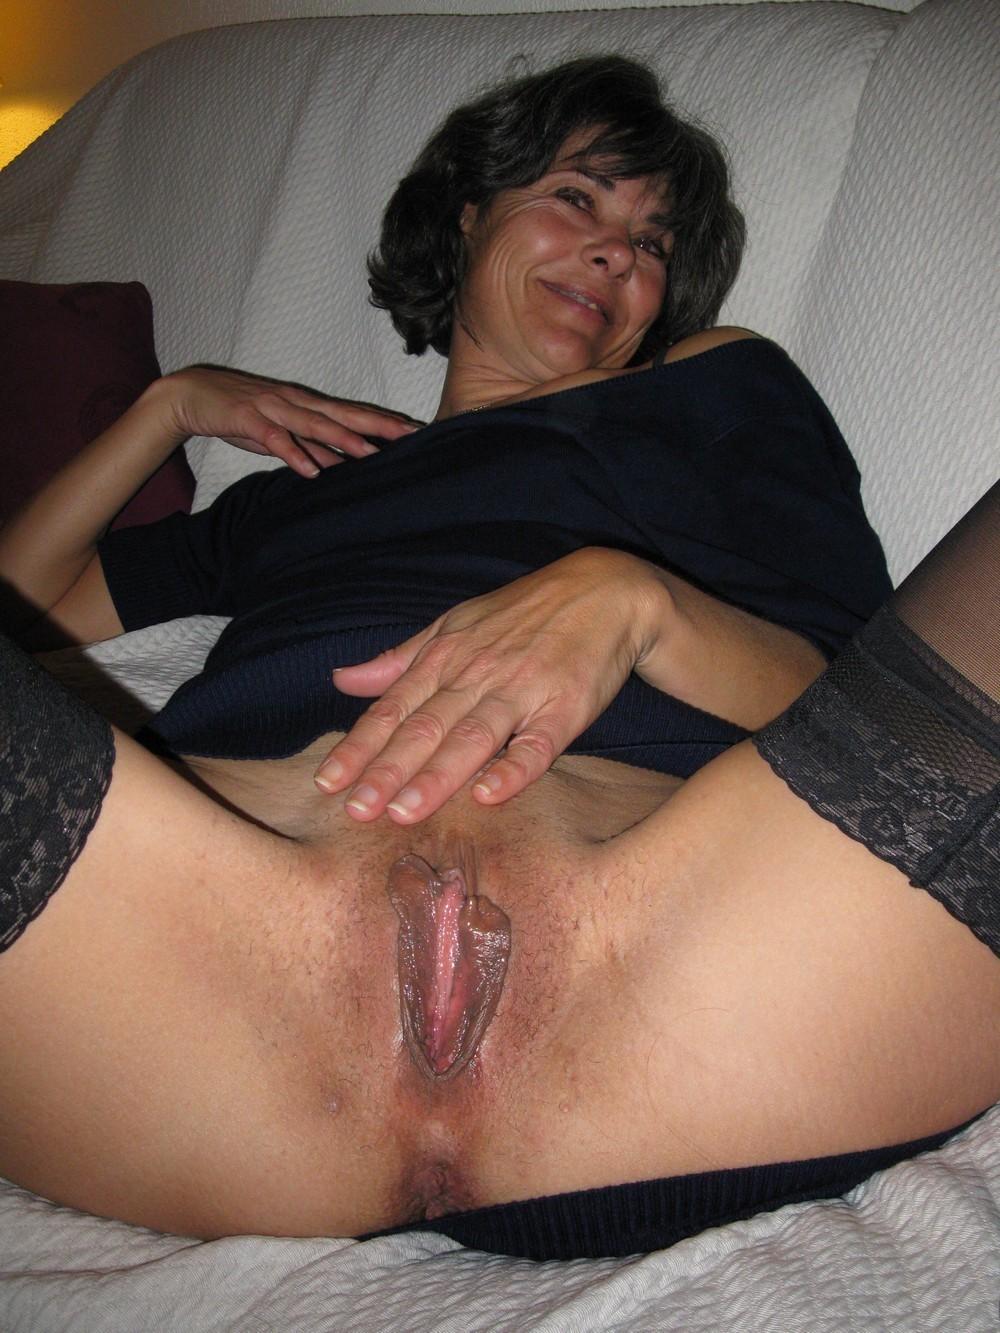 Клитор Зрелой Женщины Порно Фото